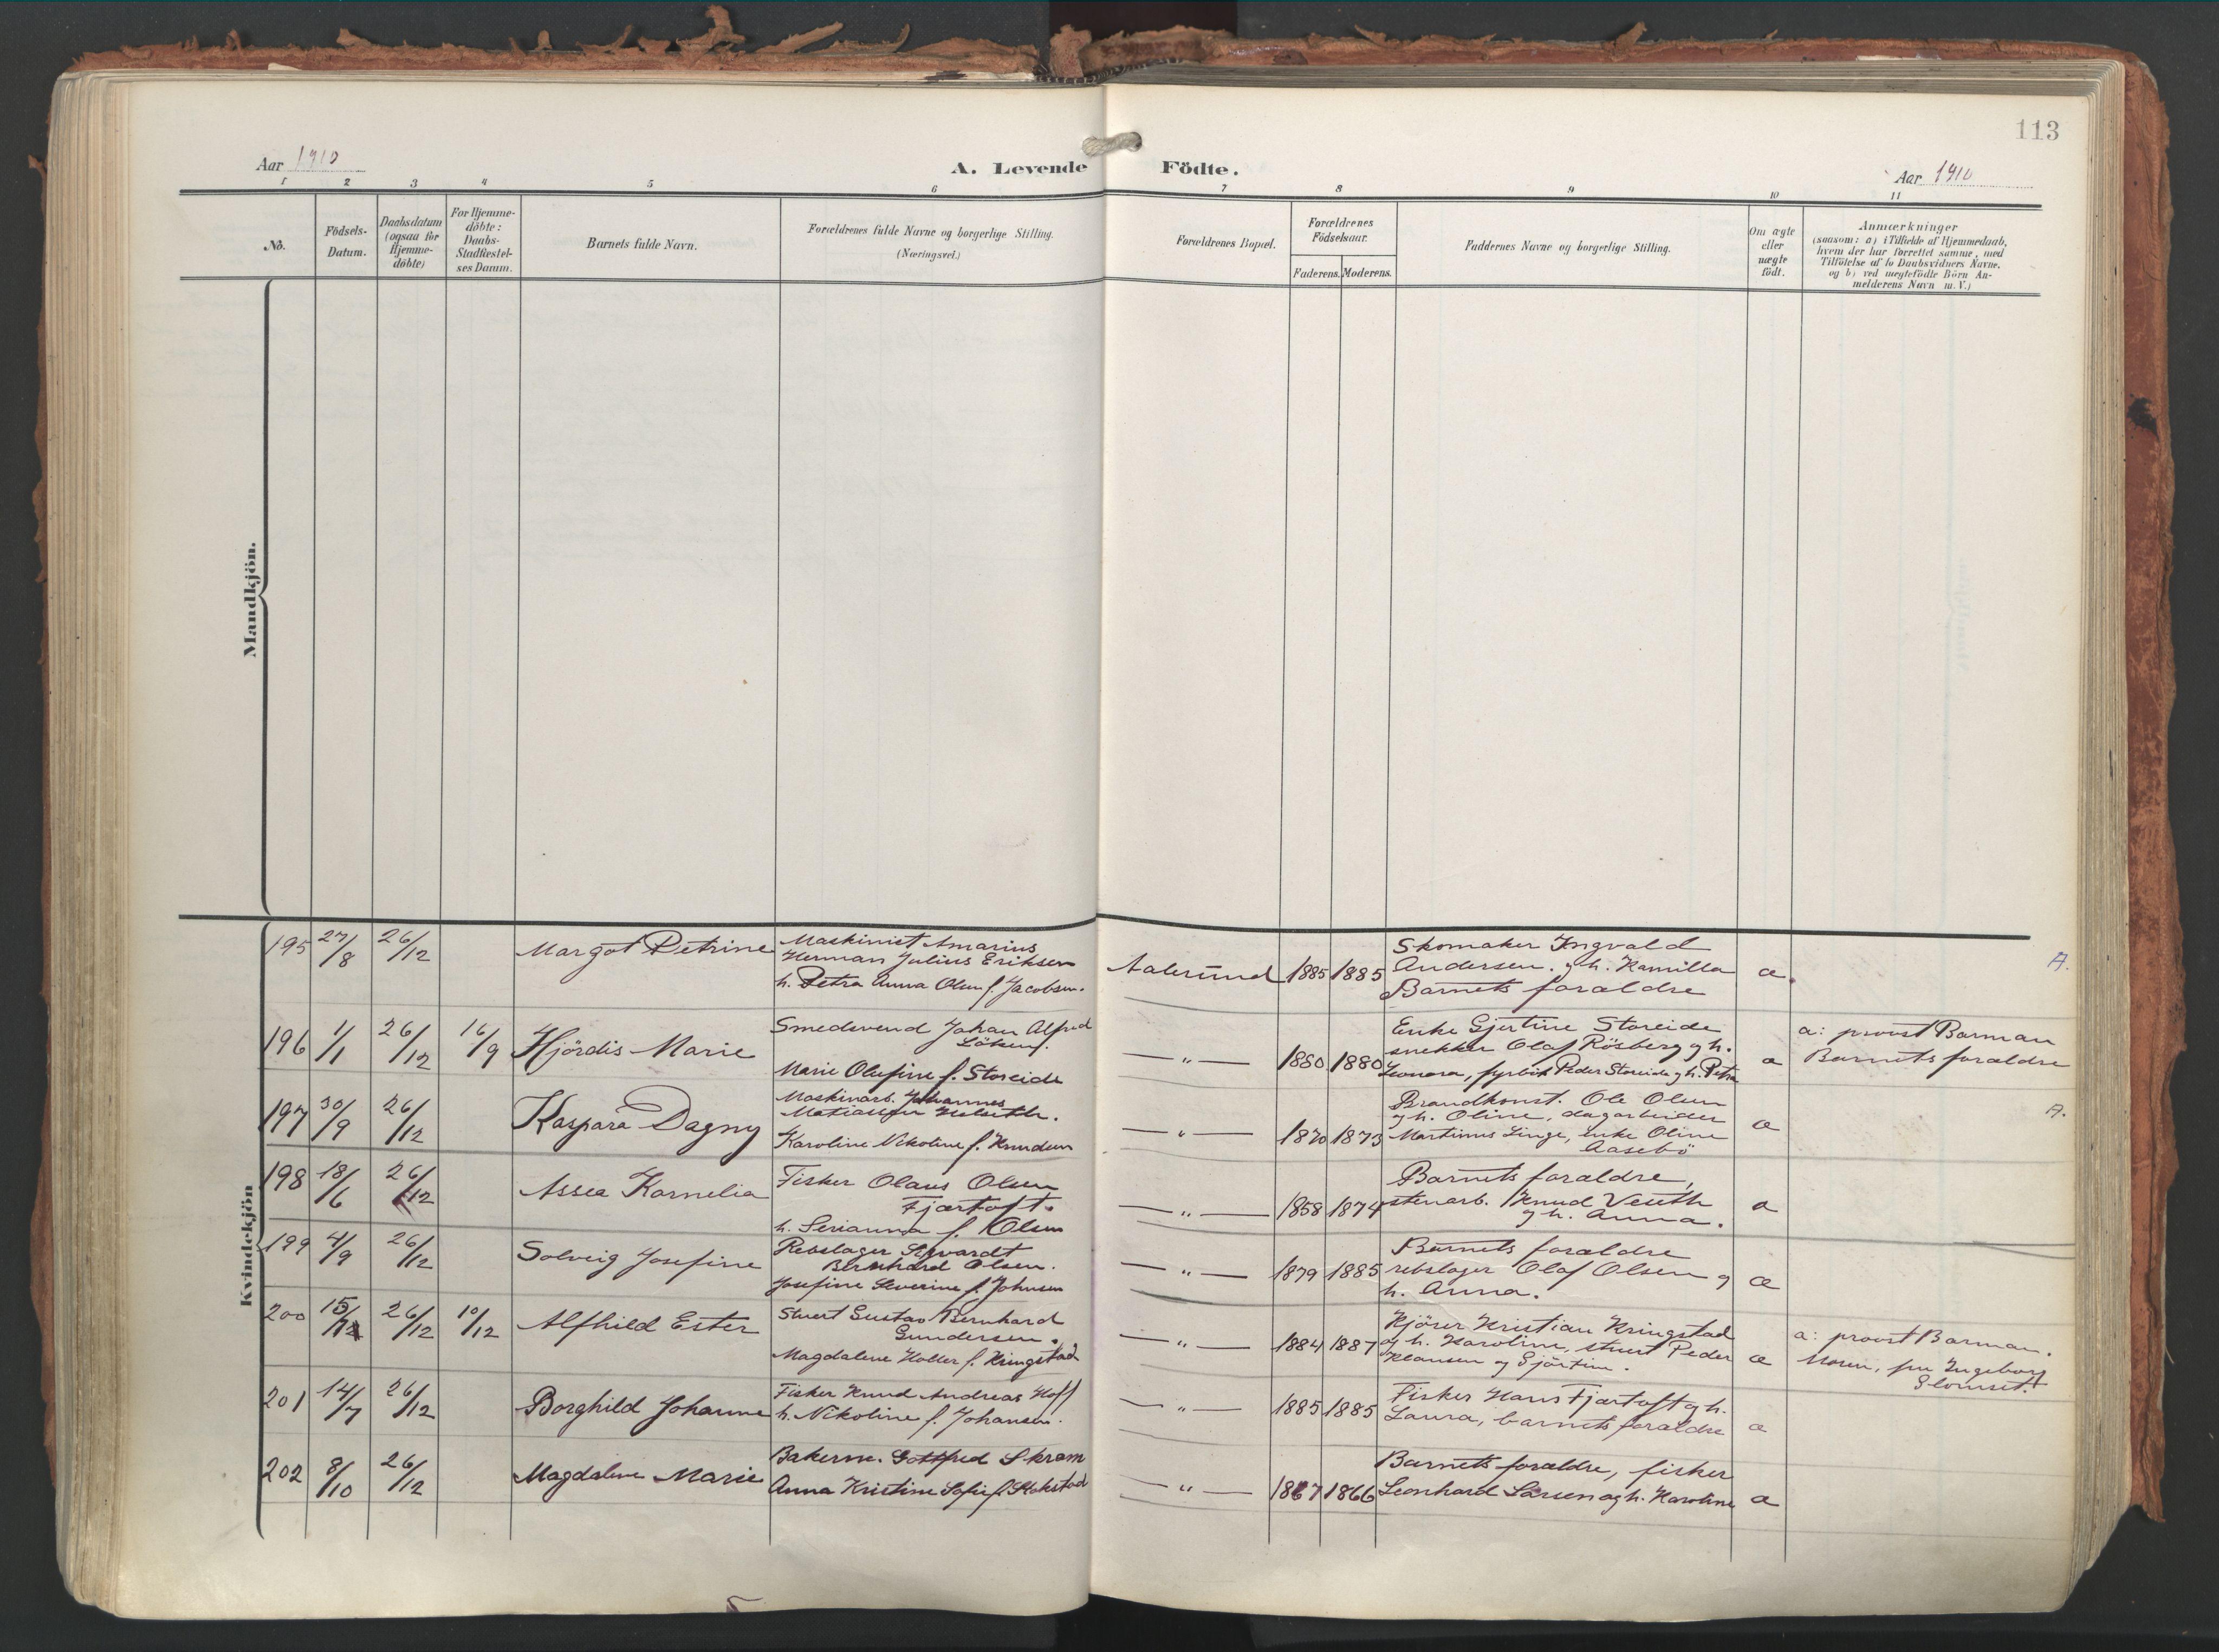 SAT, Ministerialprotokoller, klokkerbøker og fødselsregistre - Møre og Romsdal, 529/L0460: Ministerialbok nr. 529A10, 1906-1917, s. 113